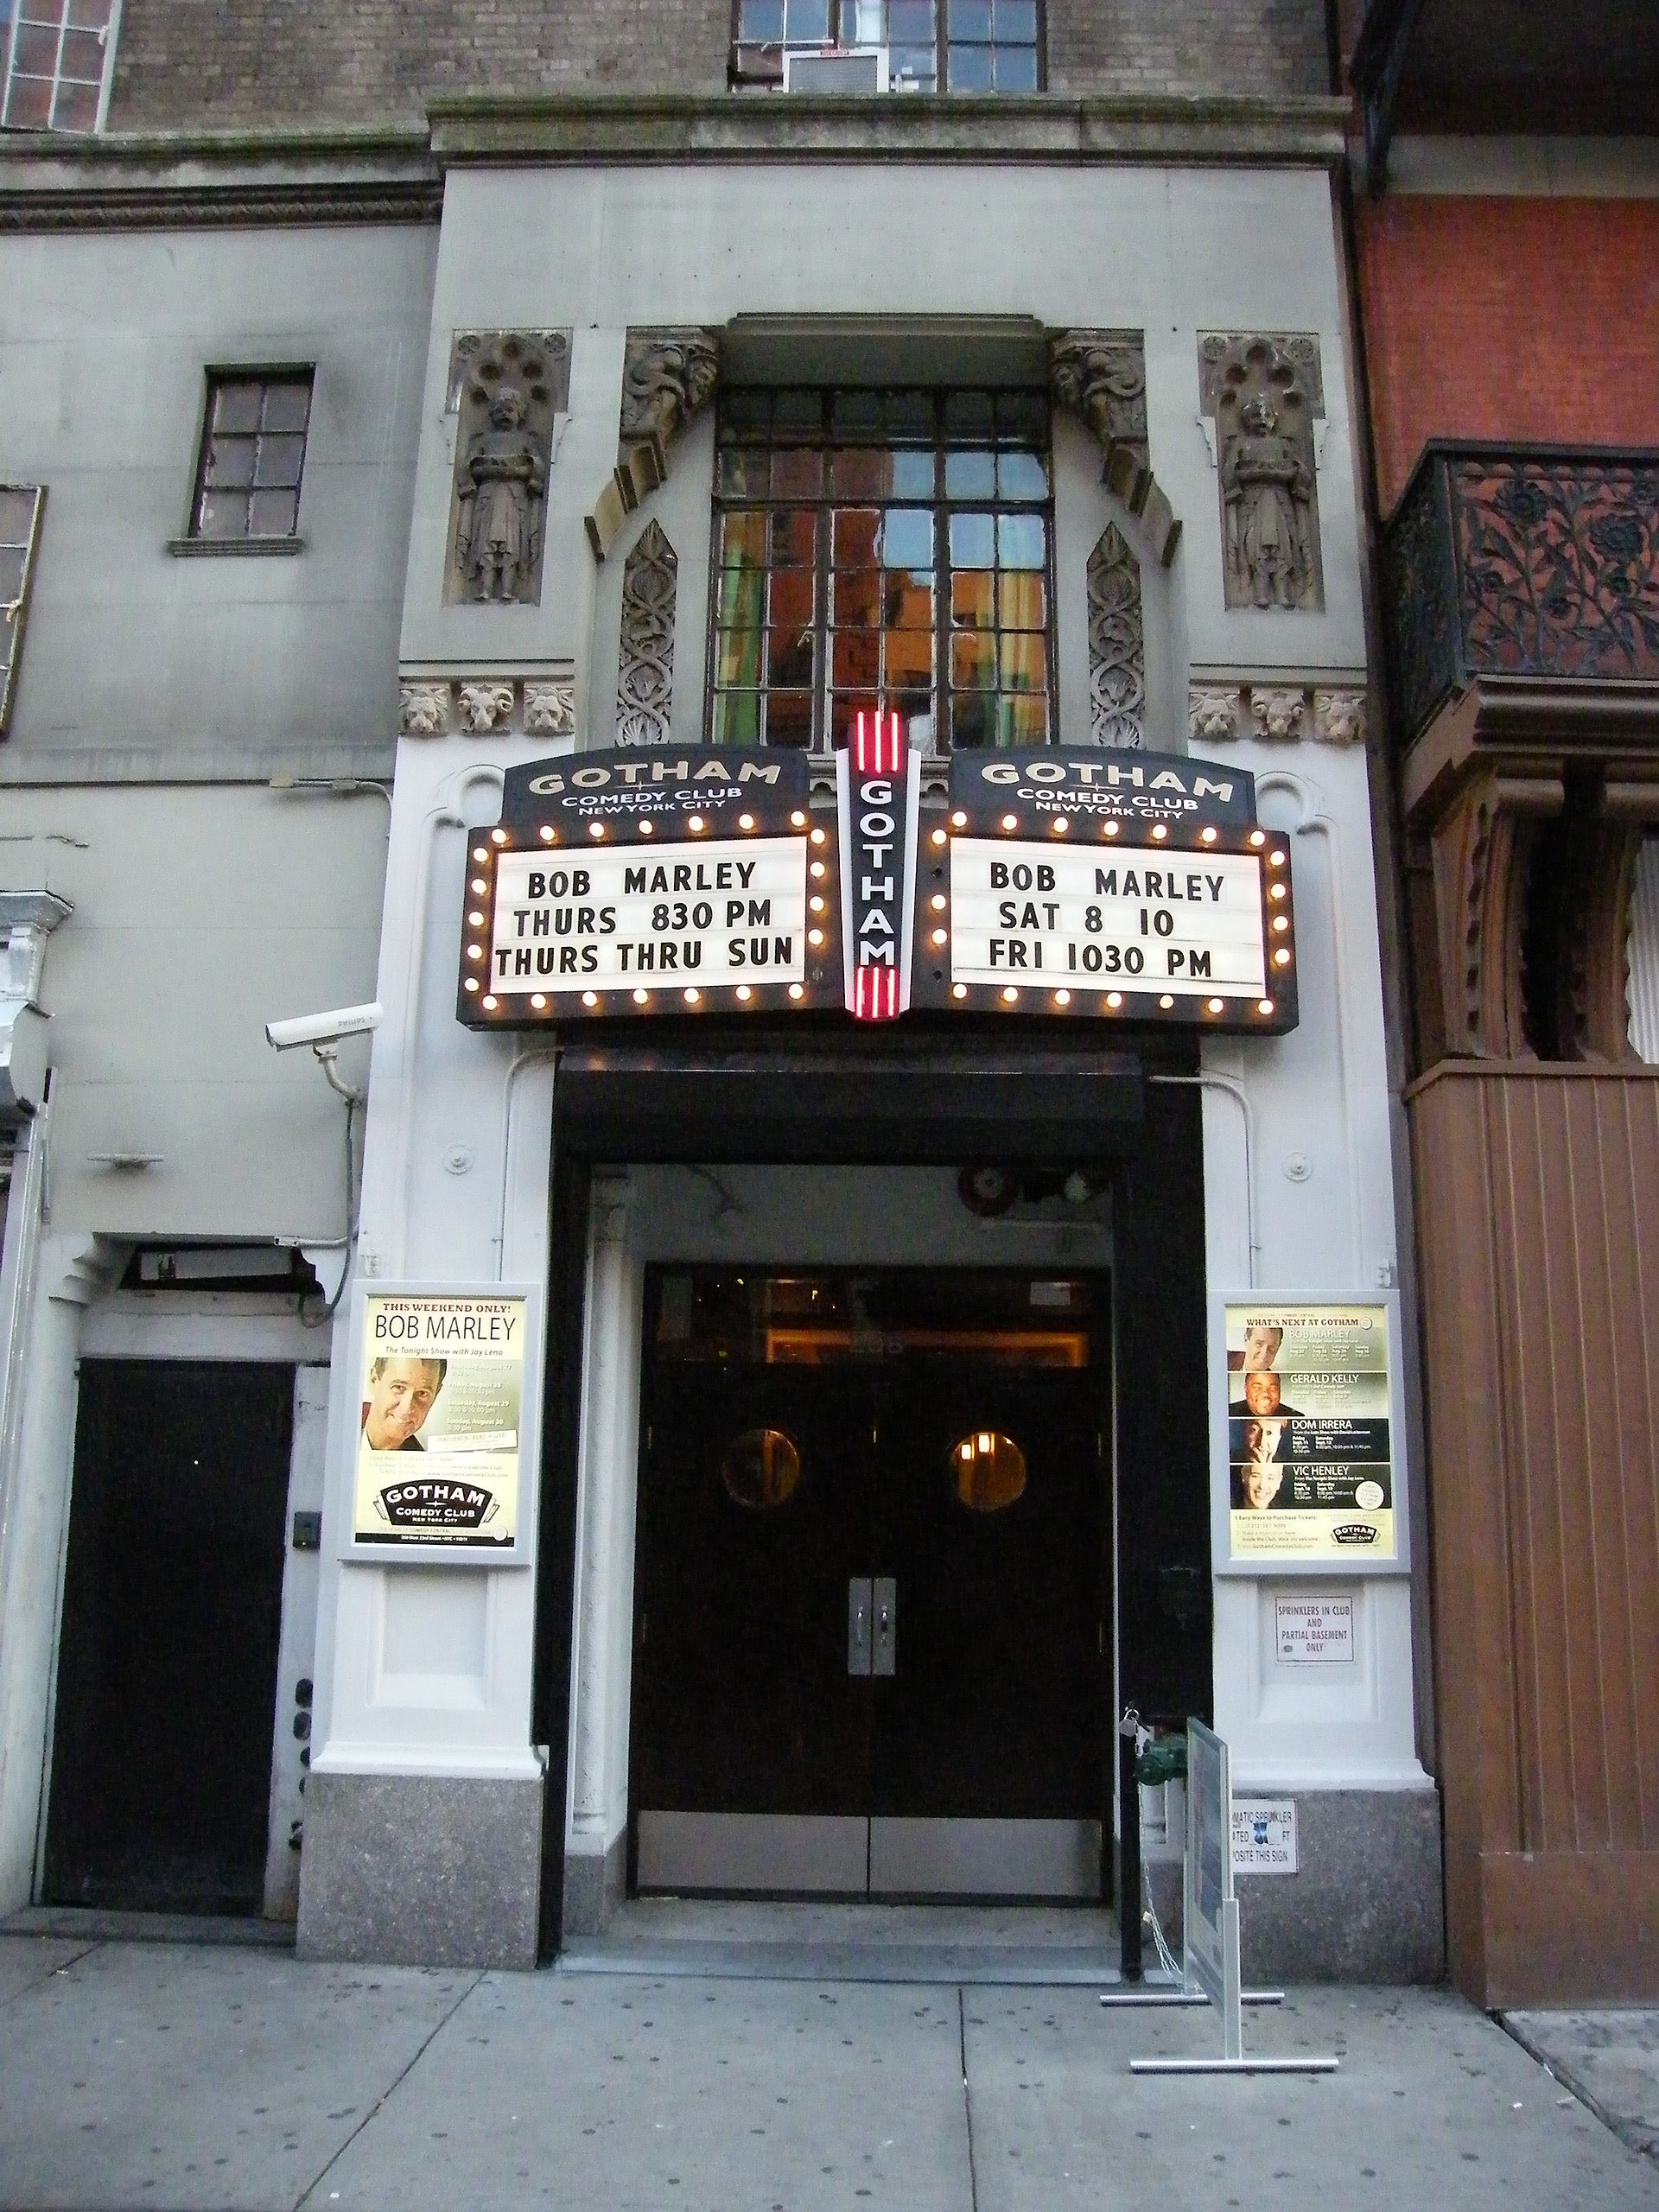 Comedy Club City Place West Palm Beach Florida